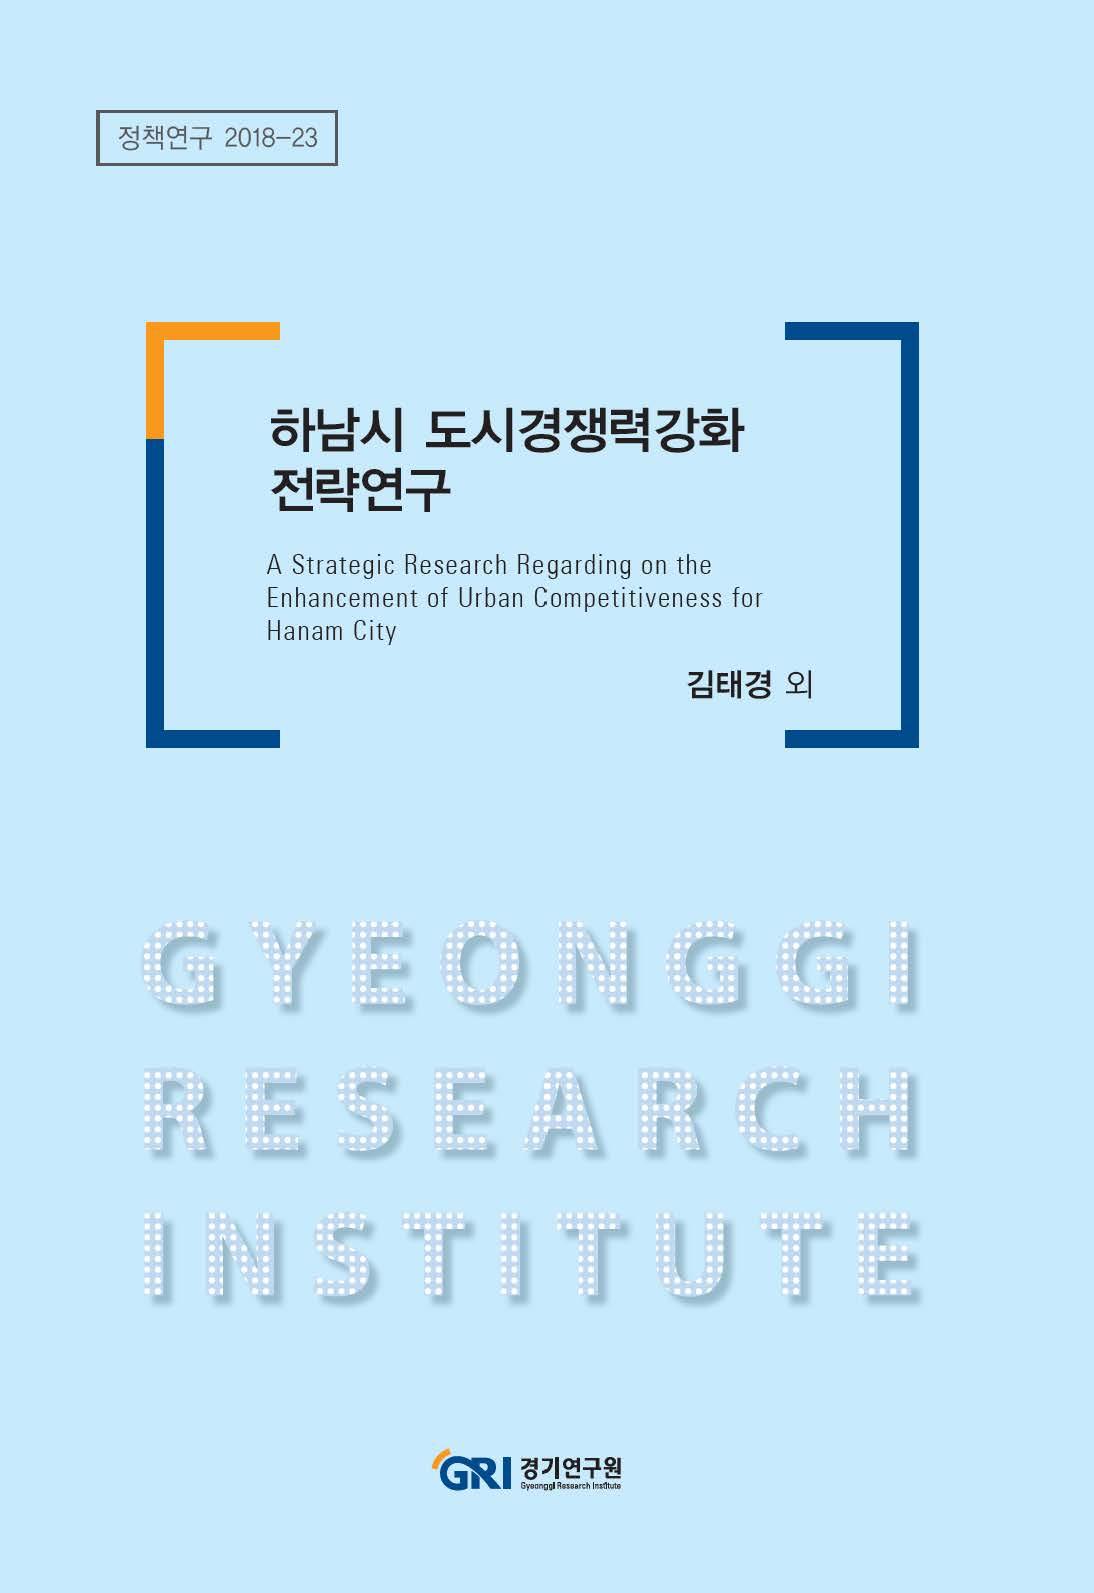 하남시 도시경쟁력강화 전략연구